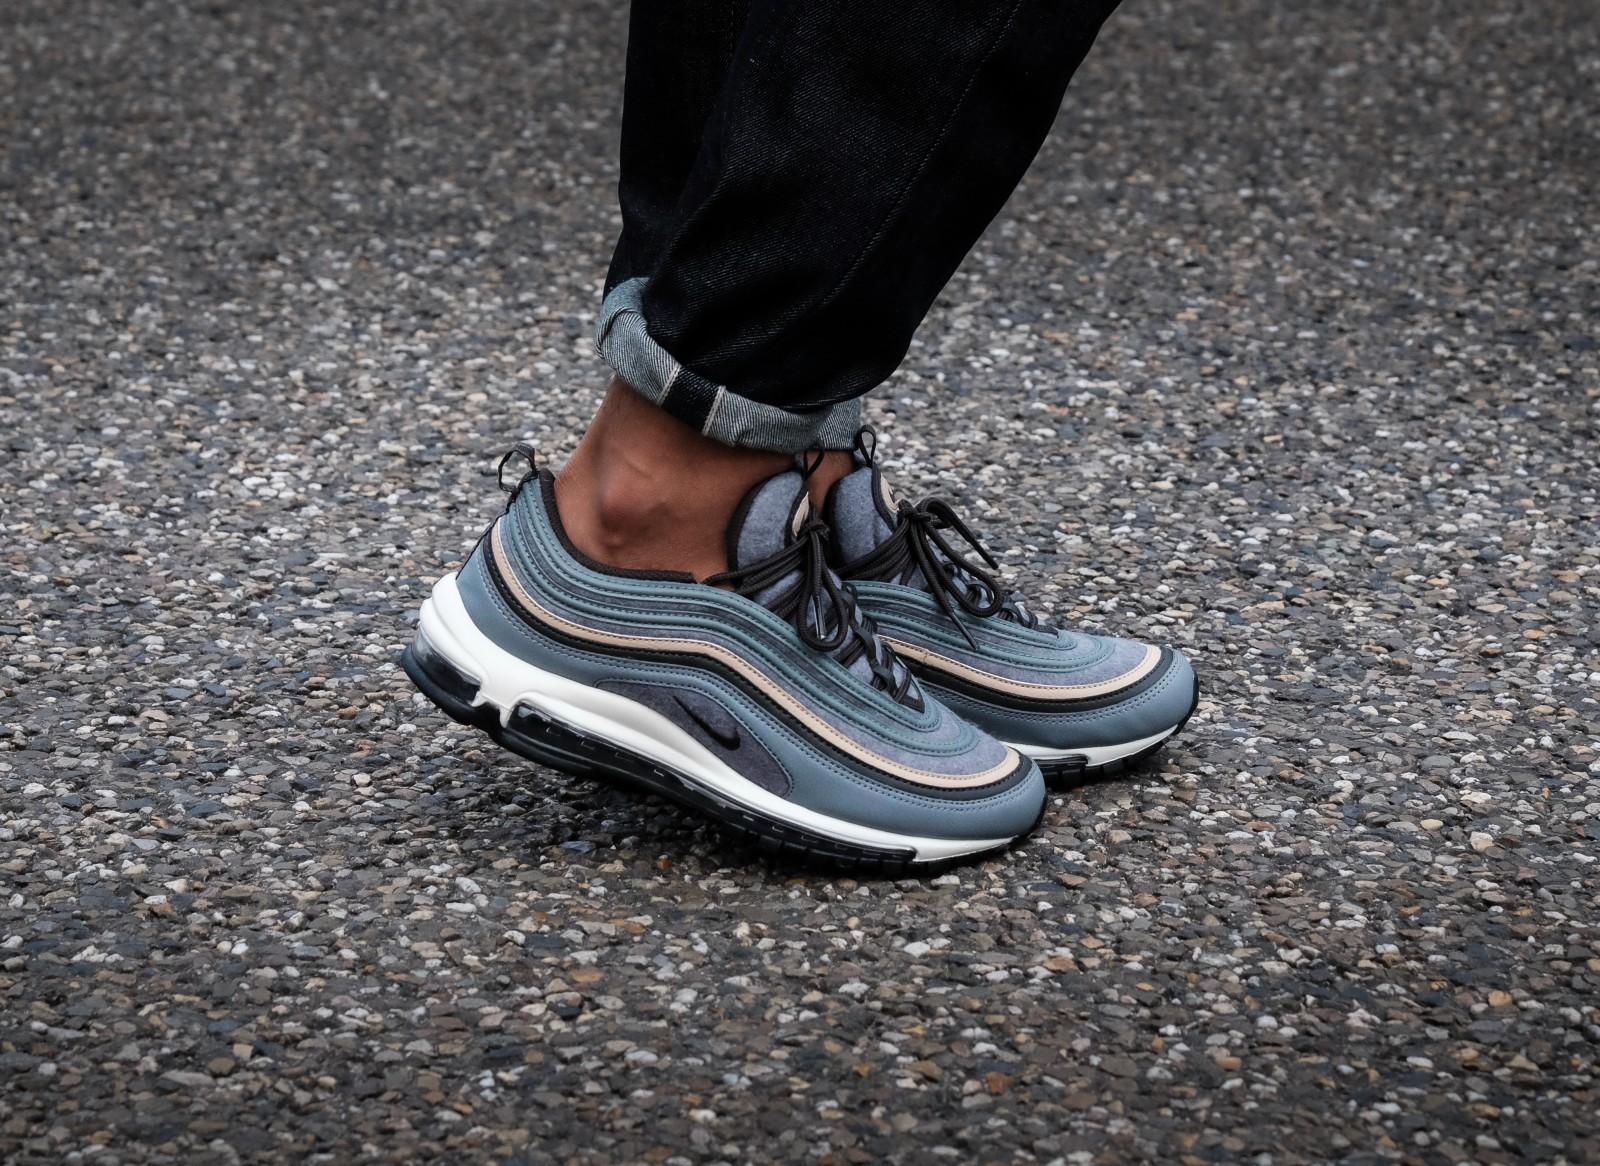 Nike Air Max 97 Premium Cool GreyDeep Pewter Mushroom heren sneakers | Sneaker District